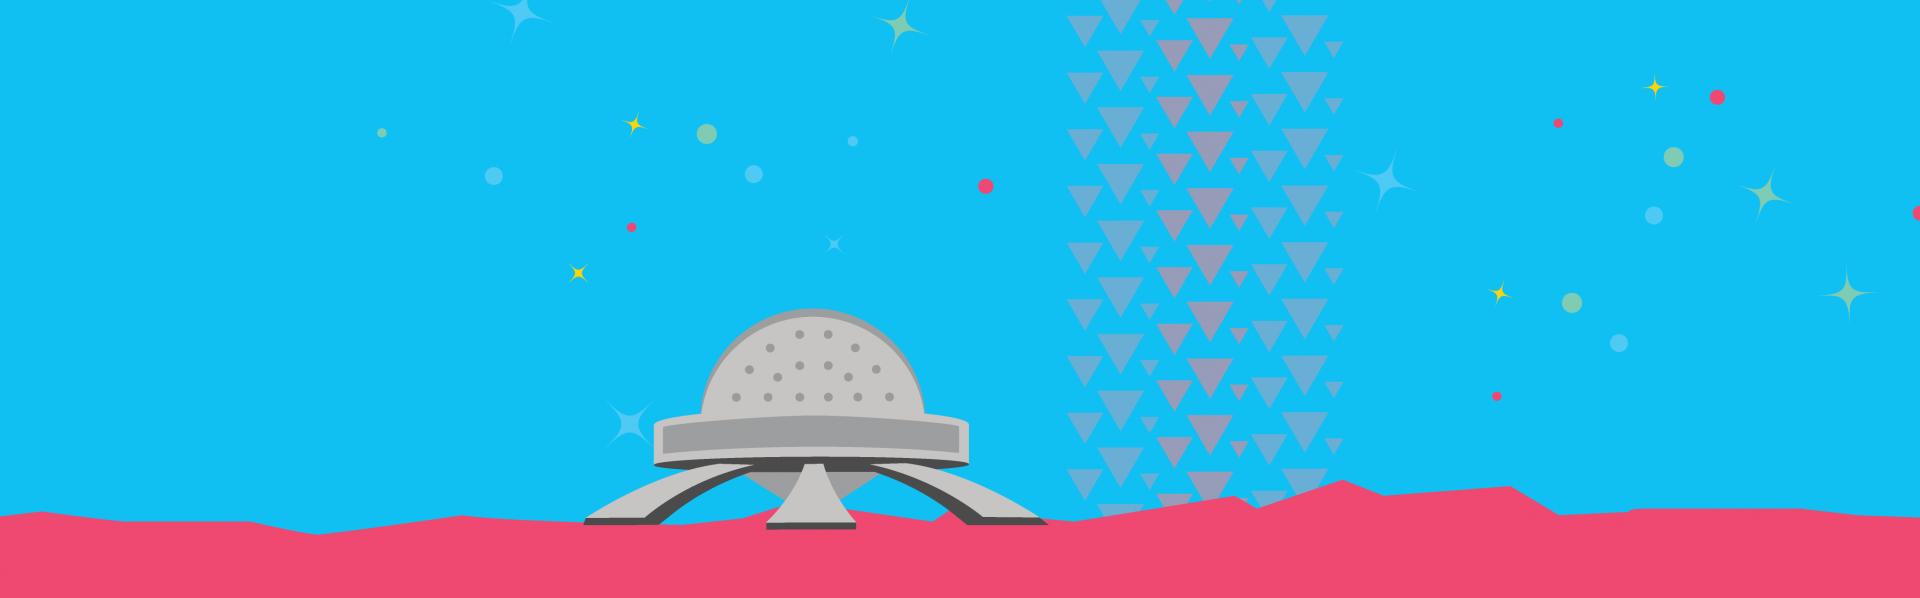 Vacaciones Planetarias